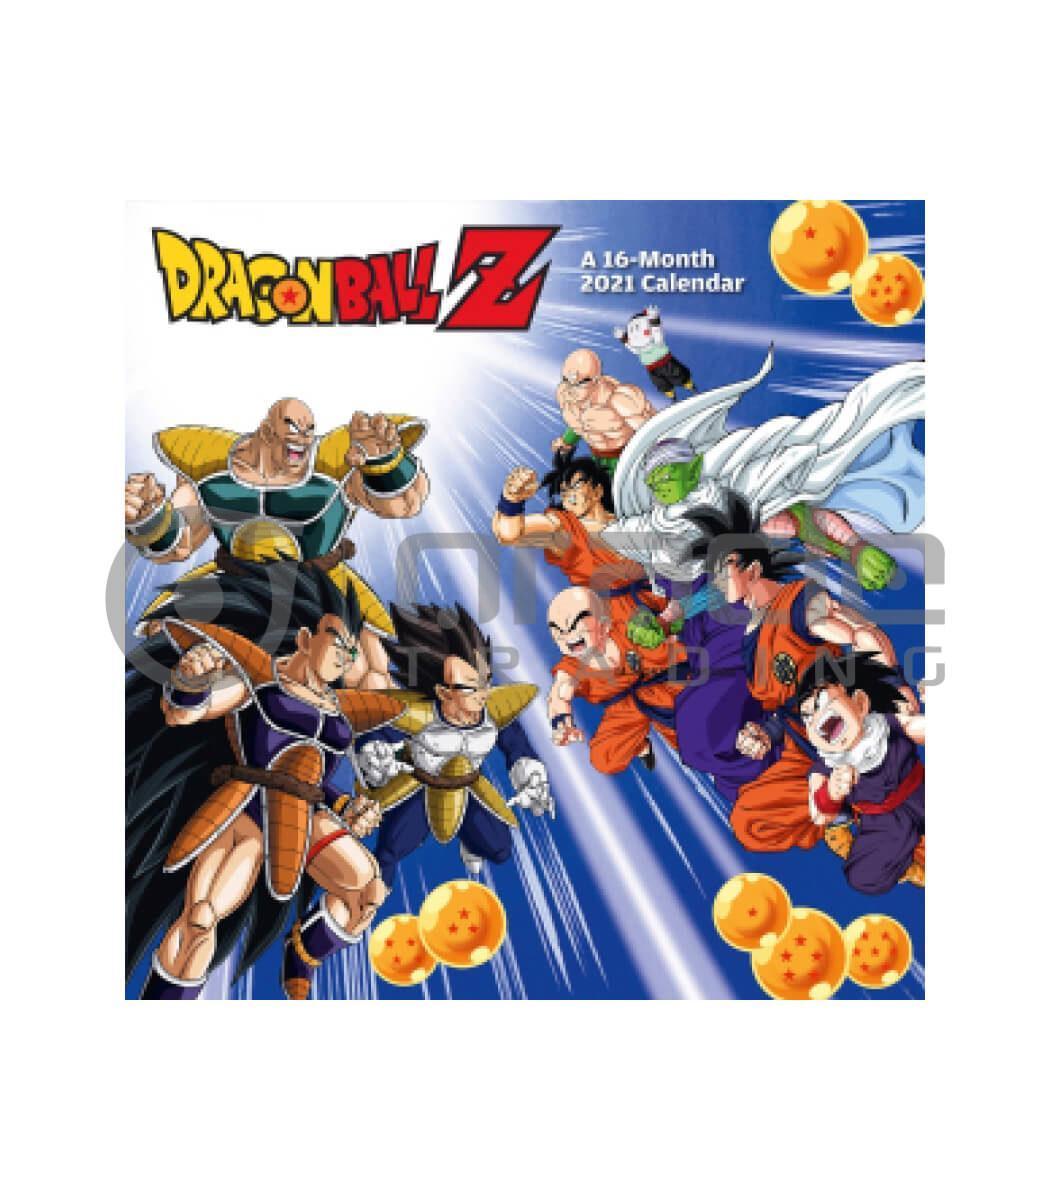 Dragon Ball Z 2021 Calendar